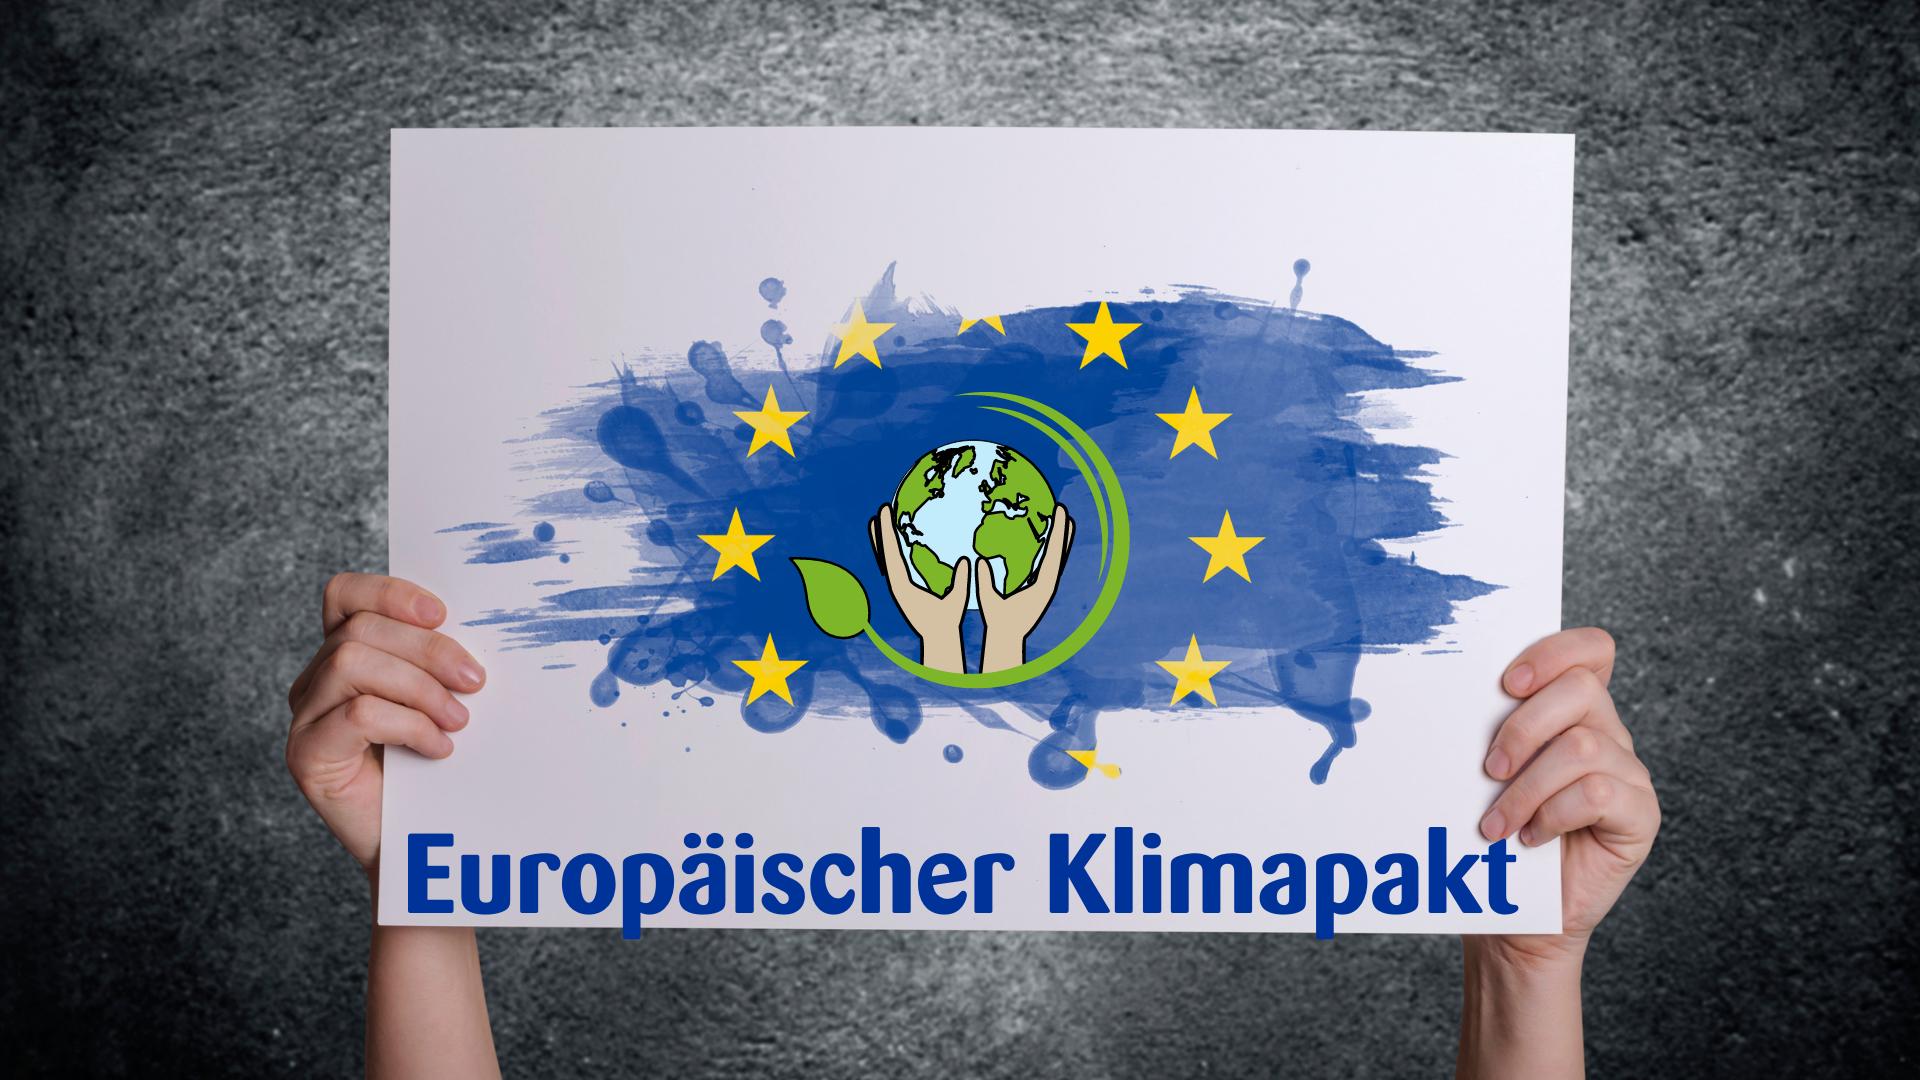 Europäischer Klimapakt – BürgerInnen für ein grüneres Europa